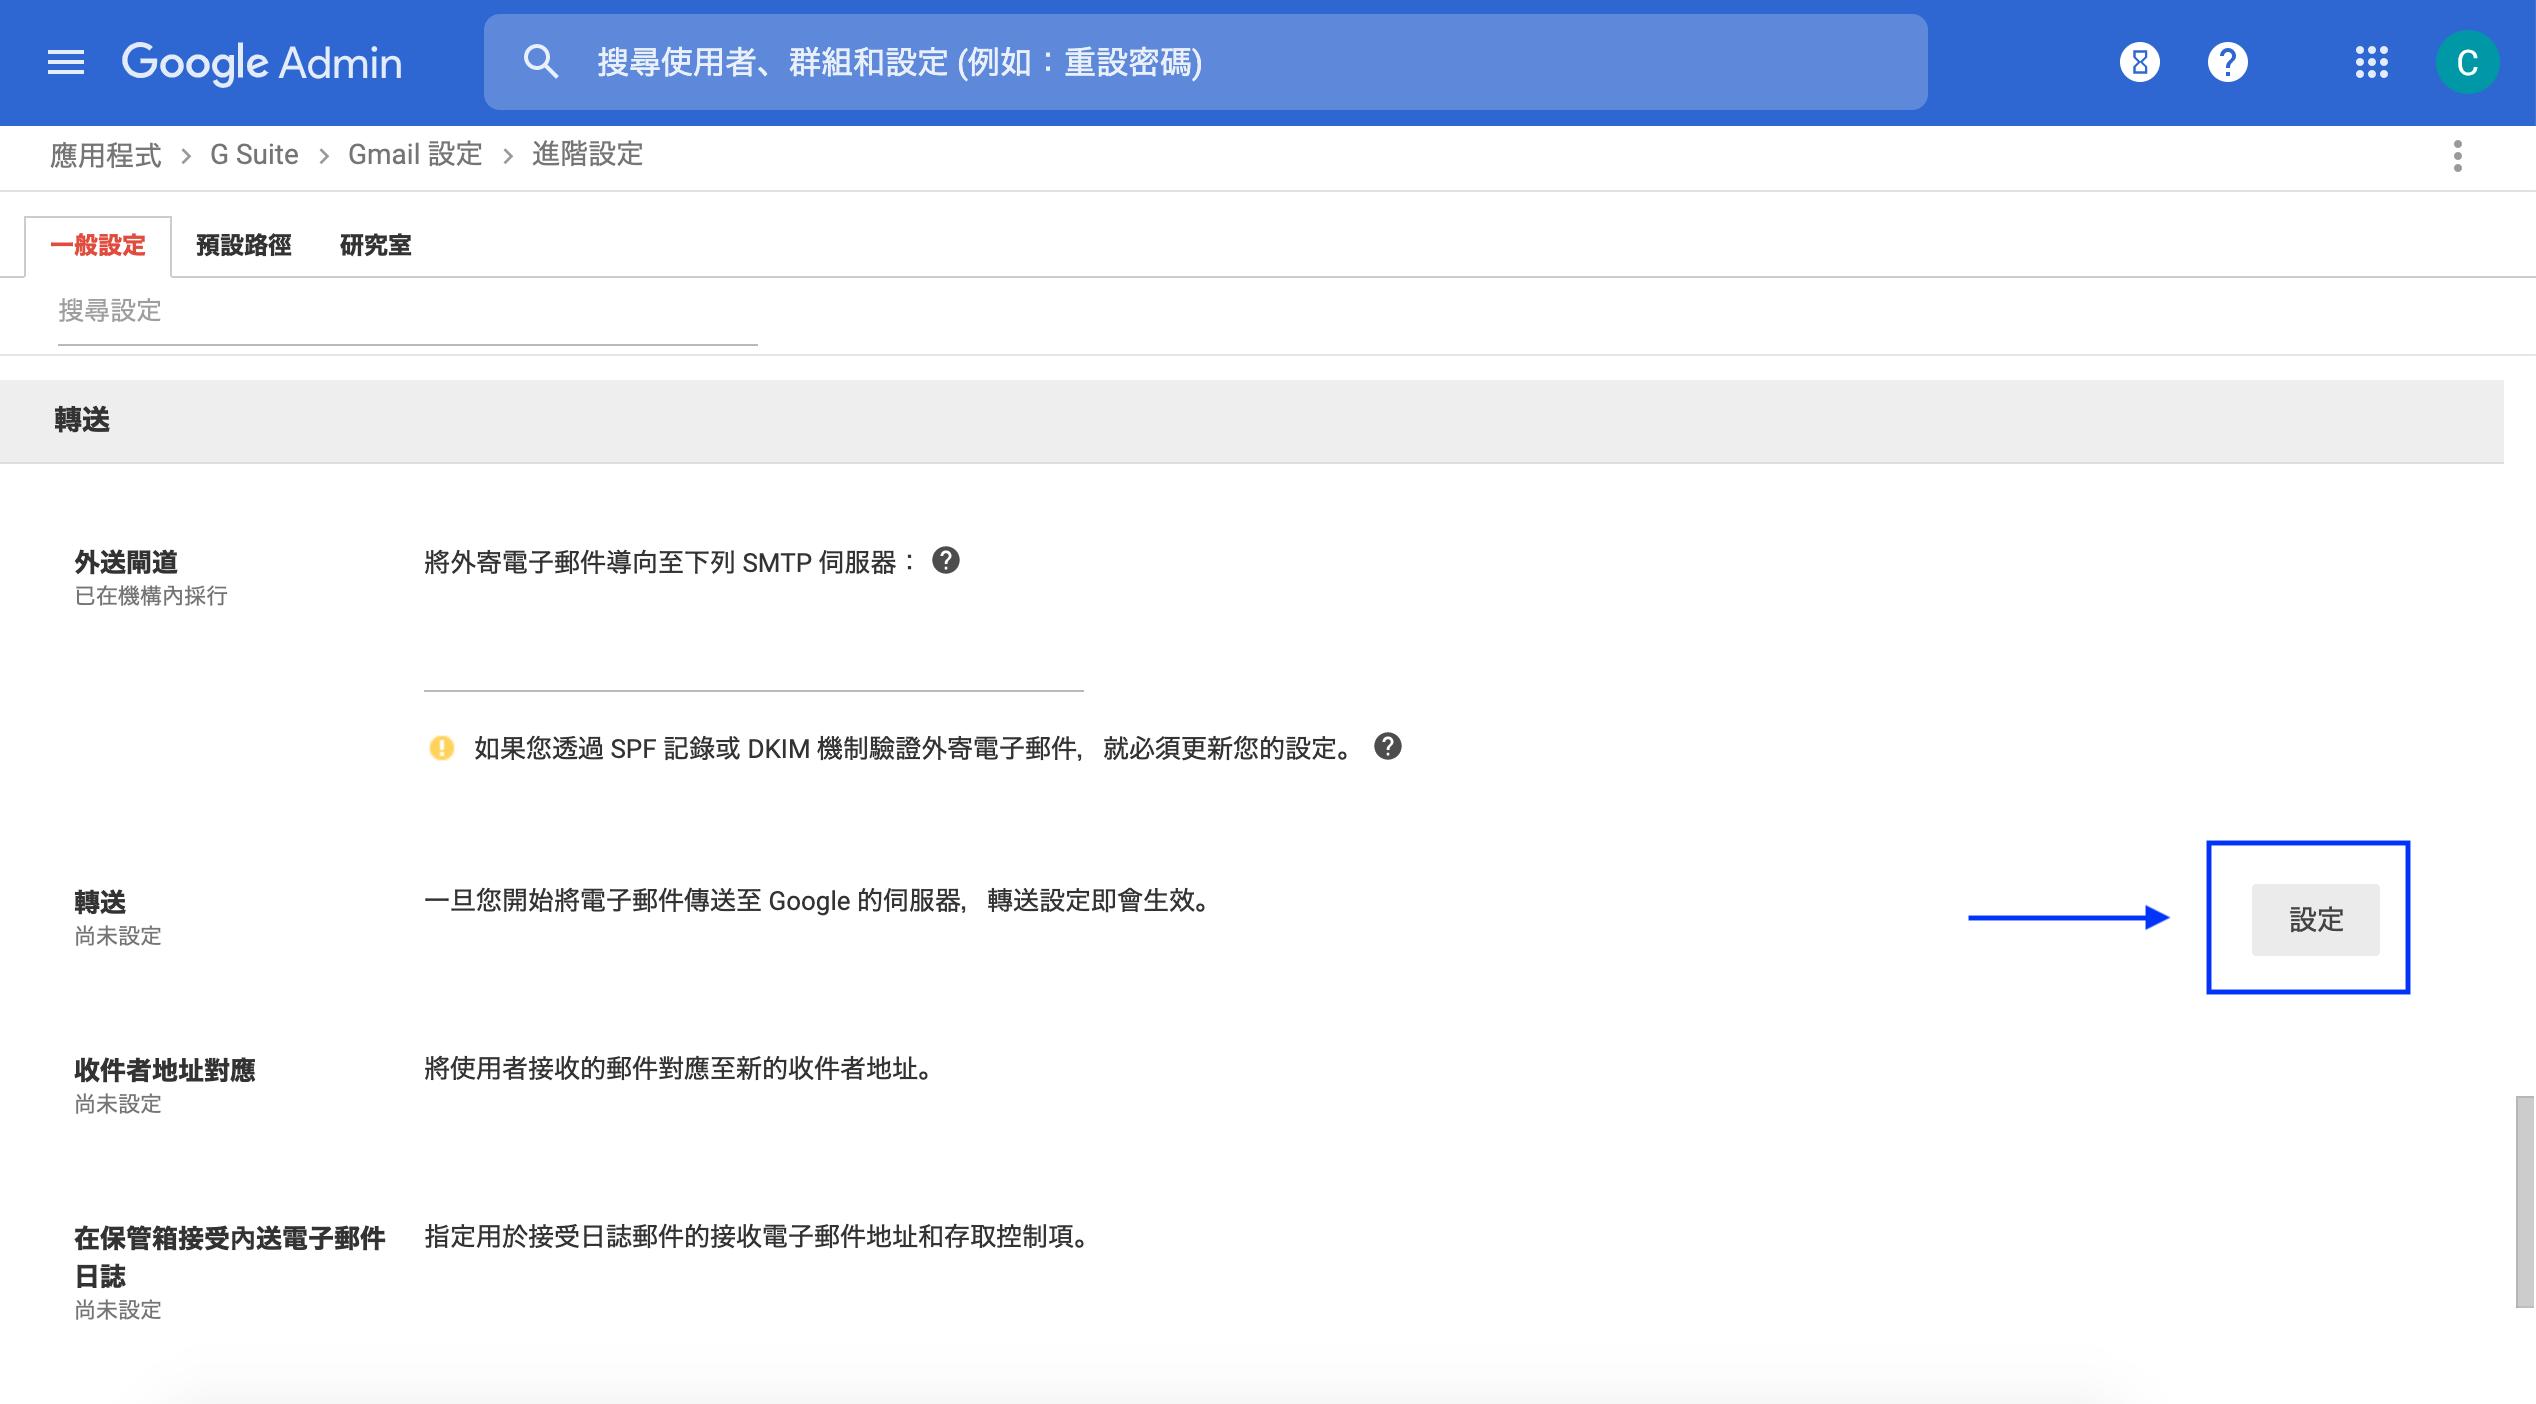 Screen_Shot_2020-04-02_at_14.32.12.png